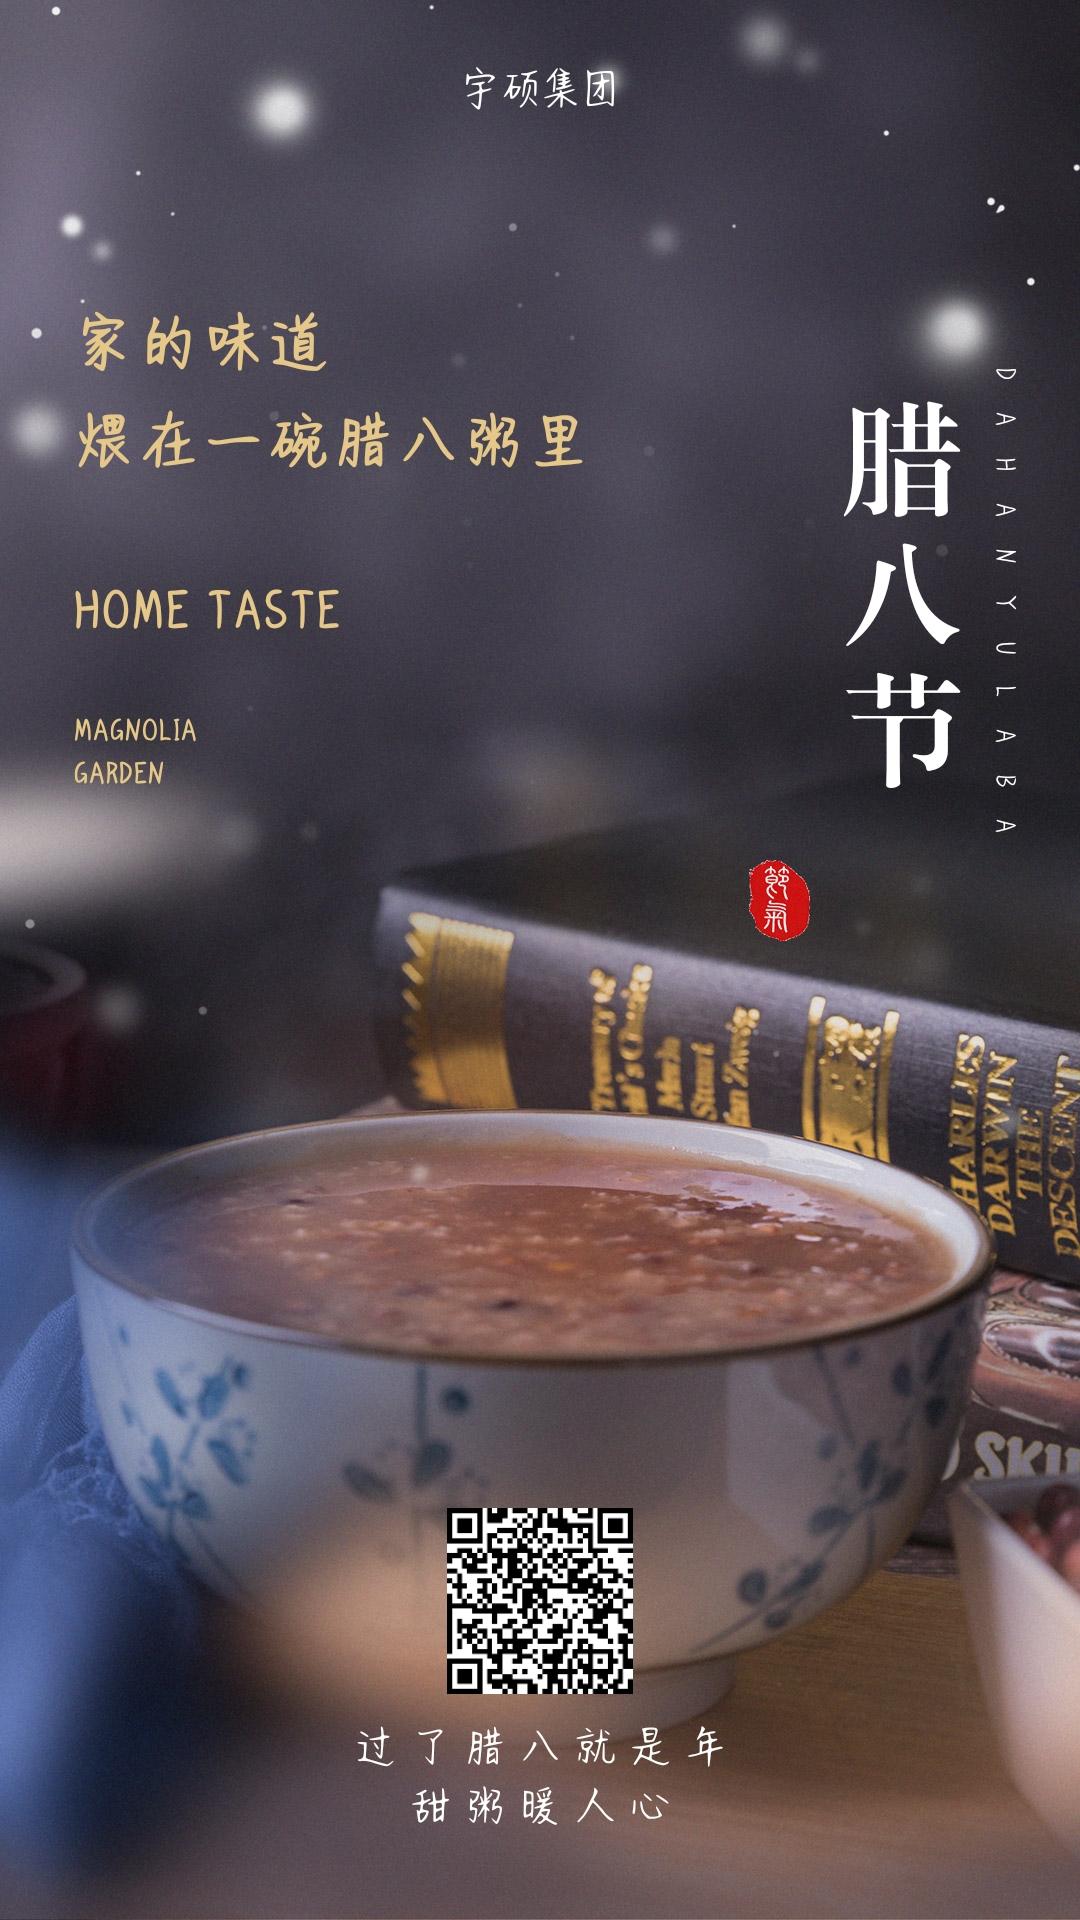 宇硕集团祝您腊八节快乐